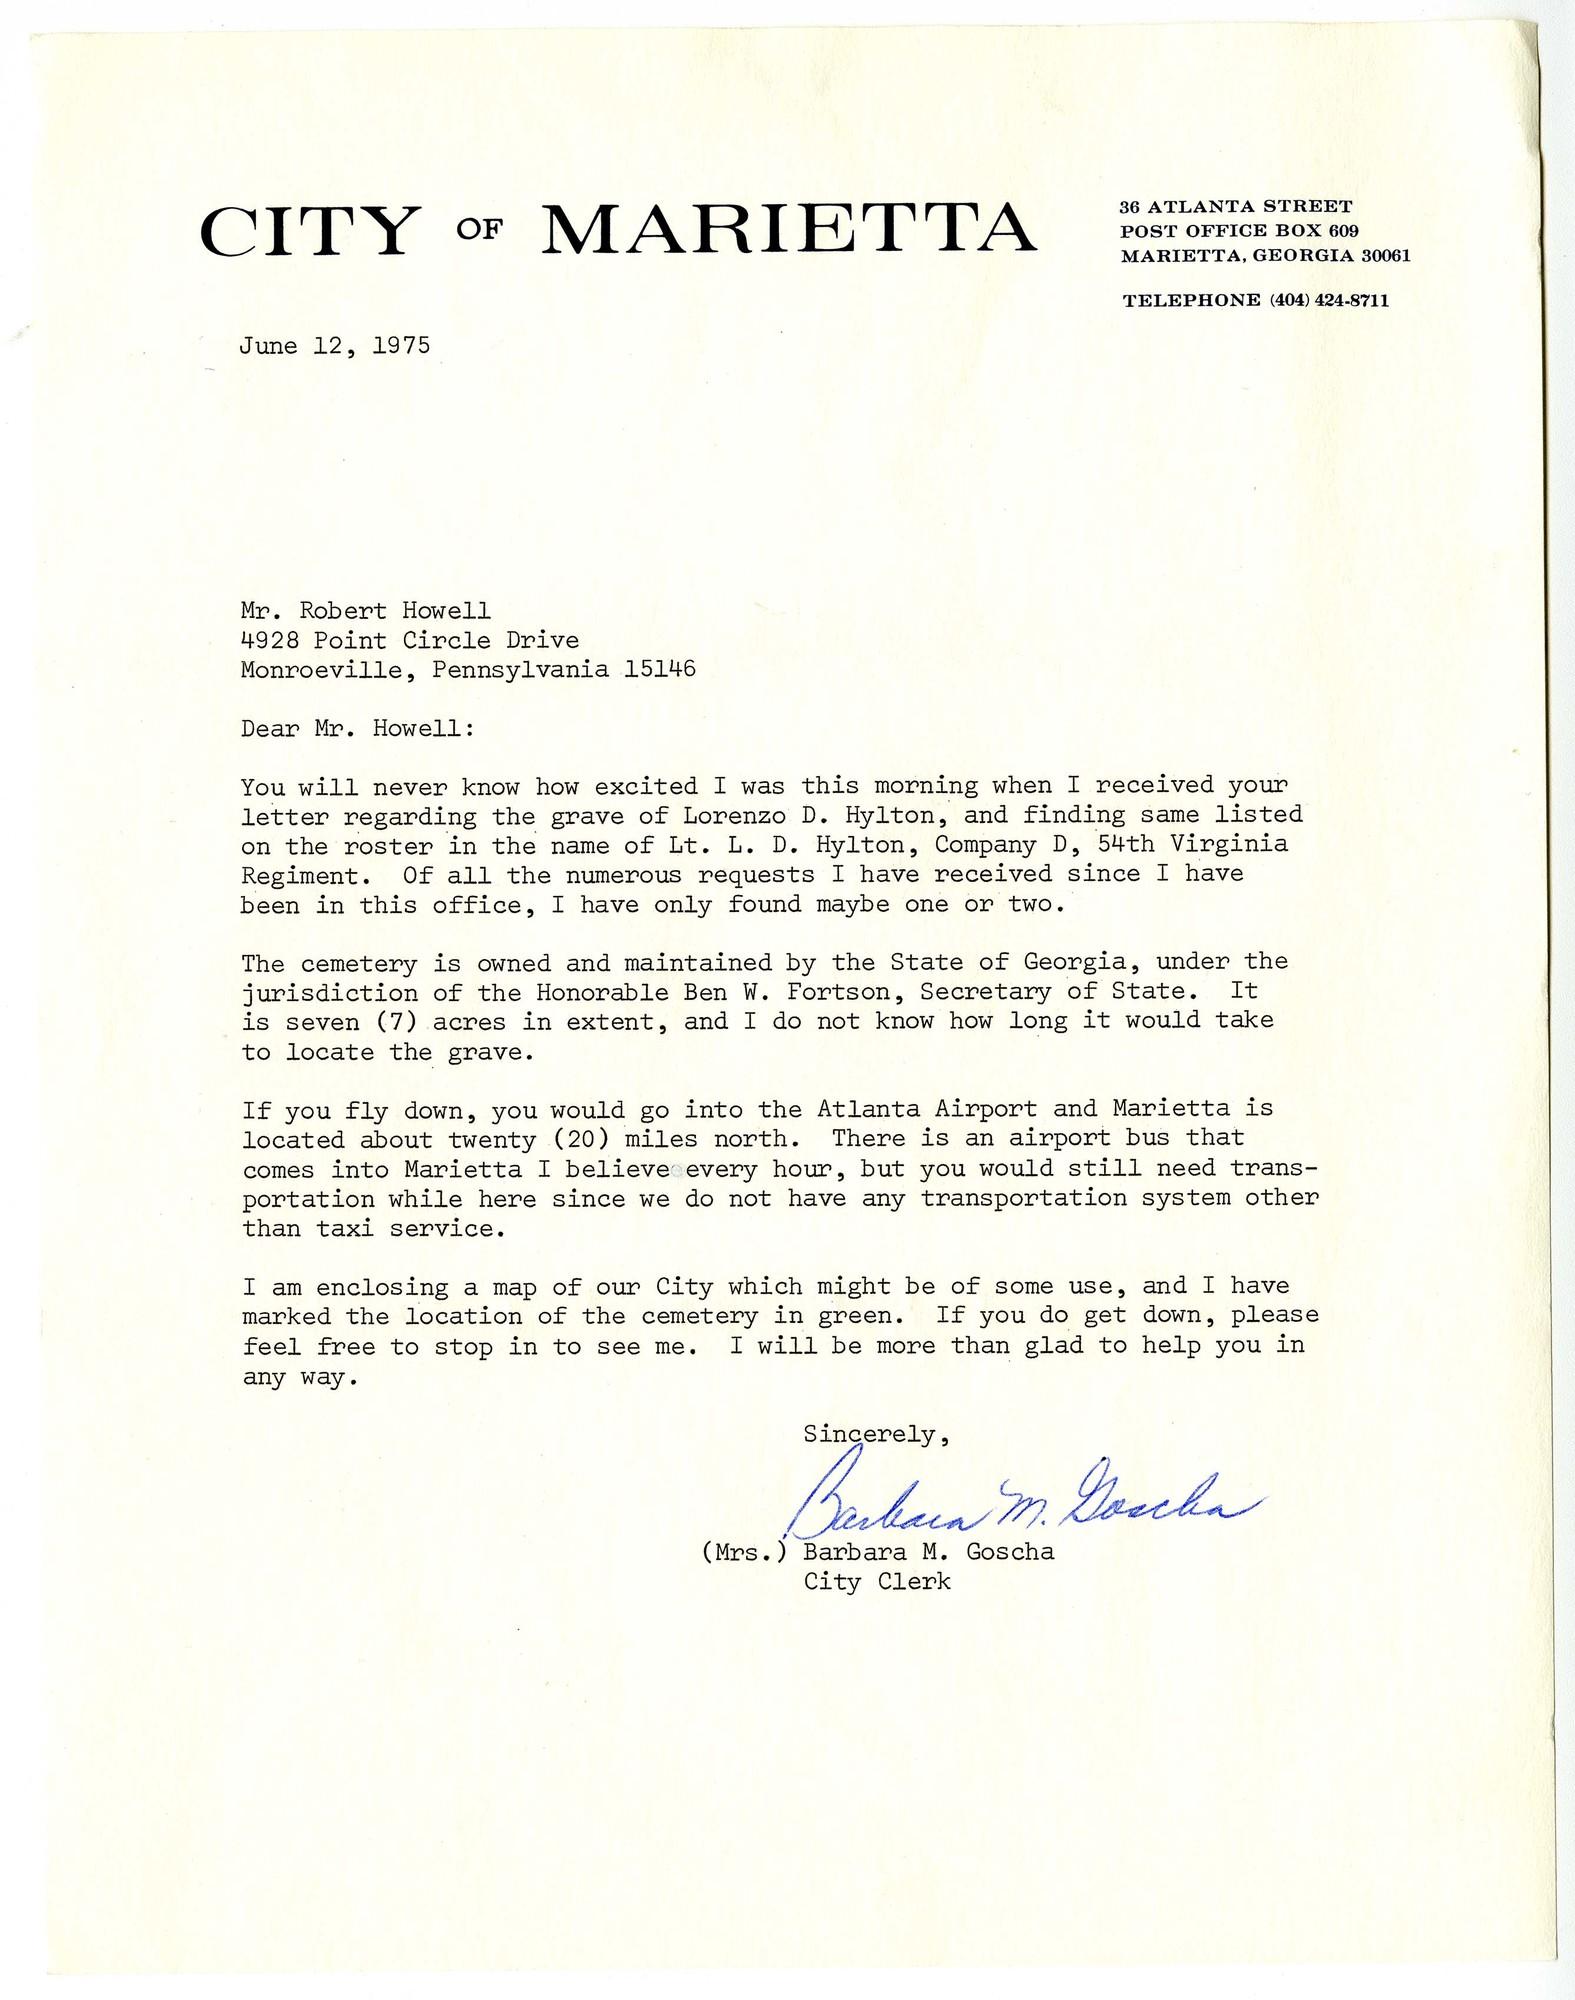 Ms1998_001_HuffHylton_Letter_1975_0612a.jpg